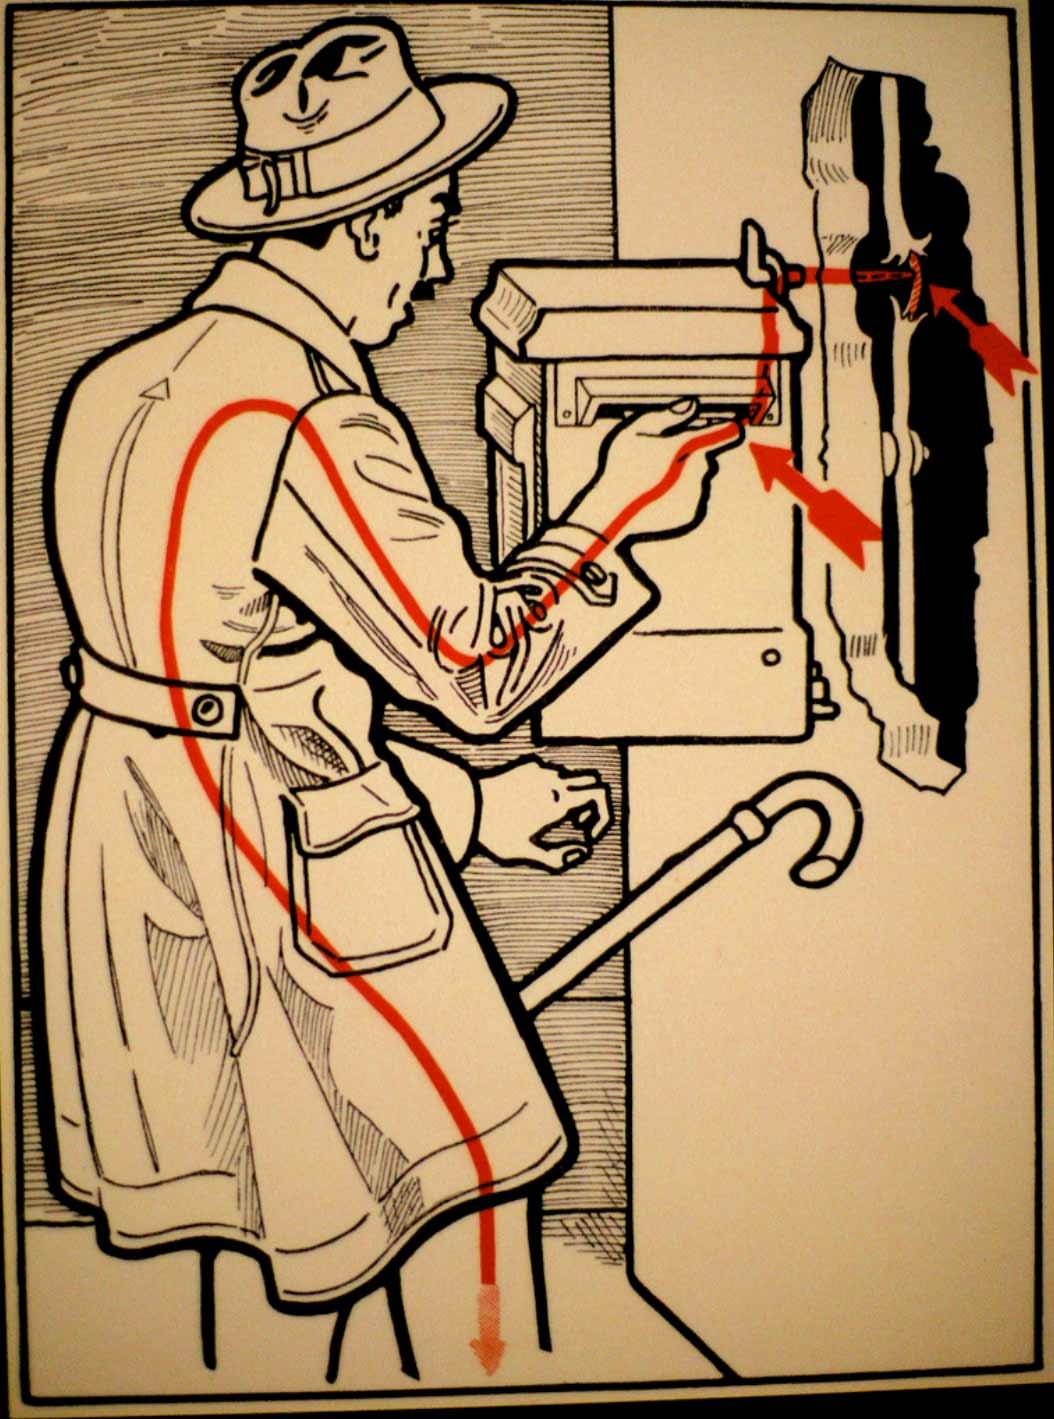 1931 wurde vor skurrilen Arten eines Stromschlages gewarnt Elektroschutz-in-132-Bildern_08